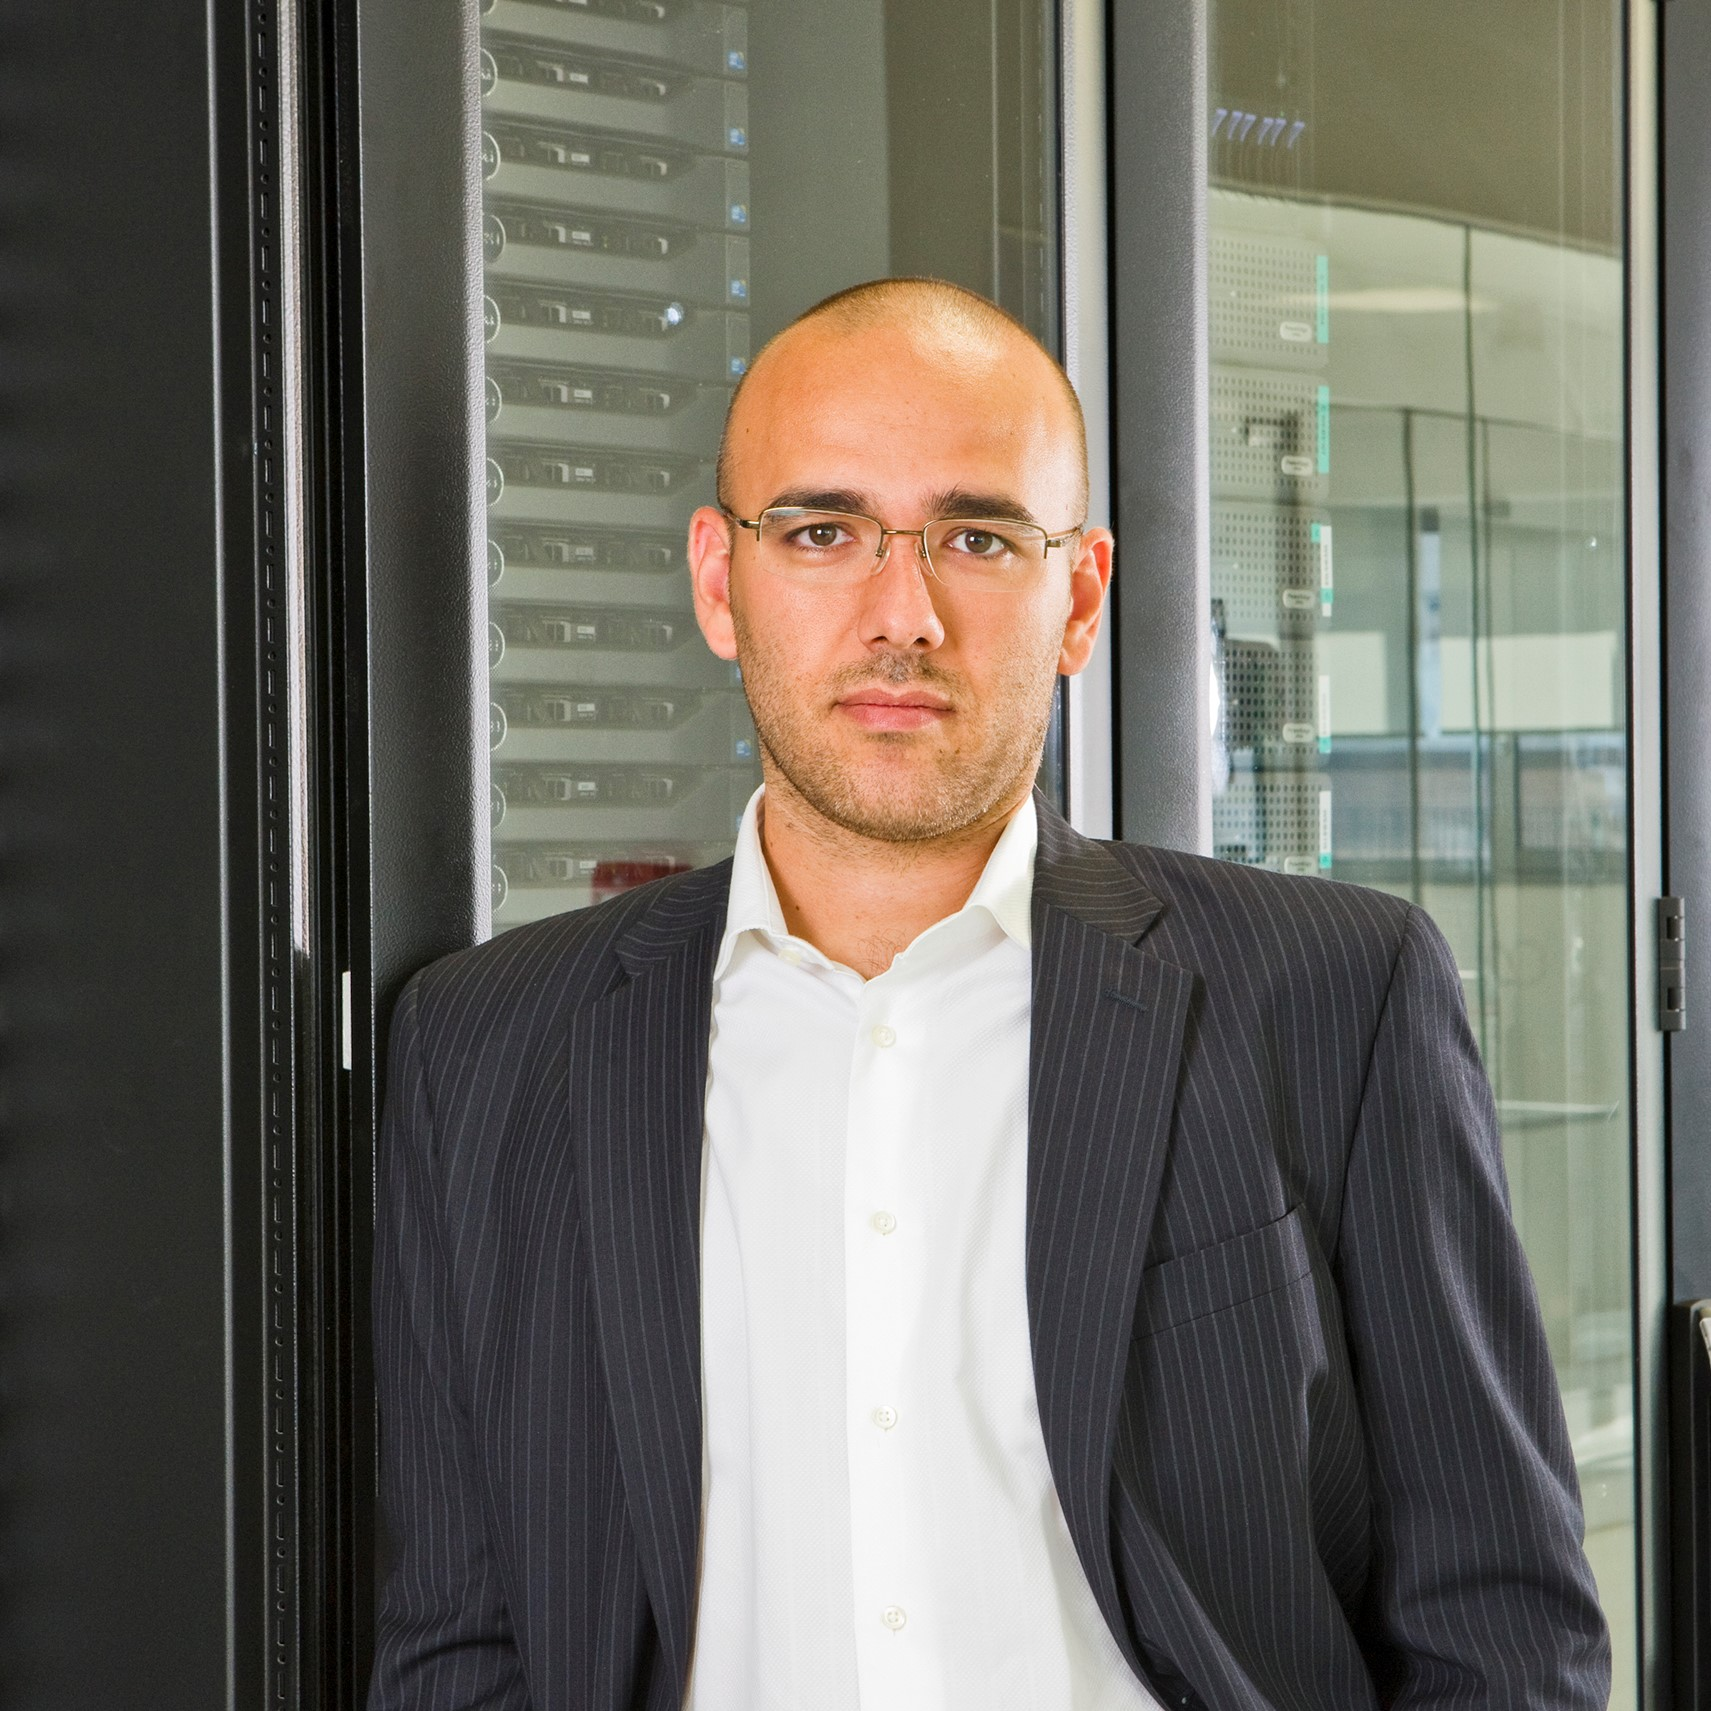 Stefano Cecconi, Amministratore Delegato di Aruba